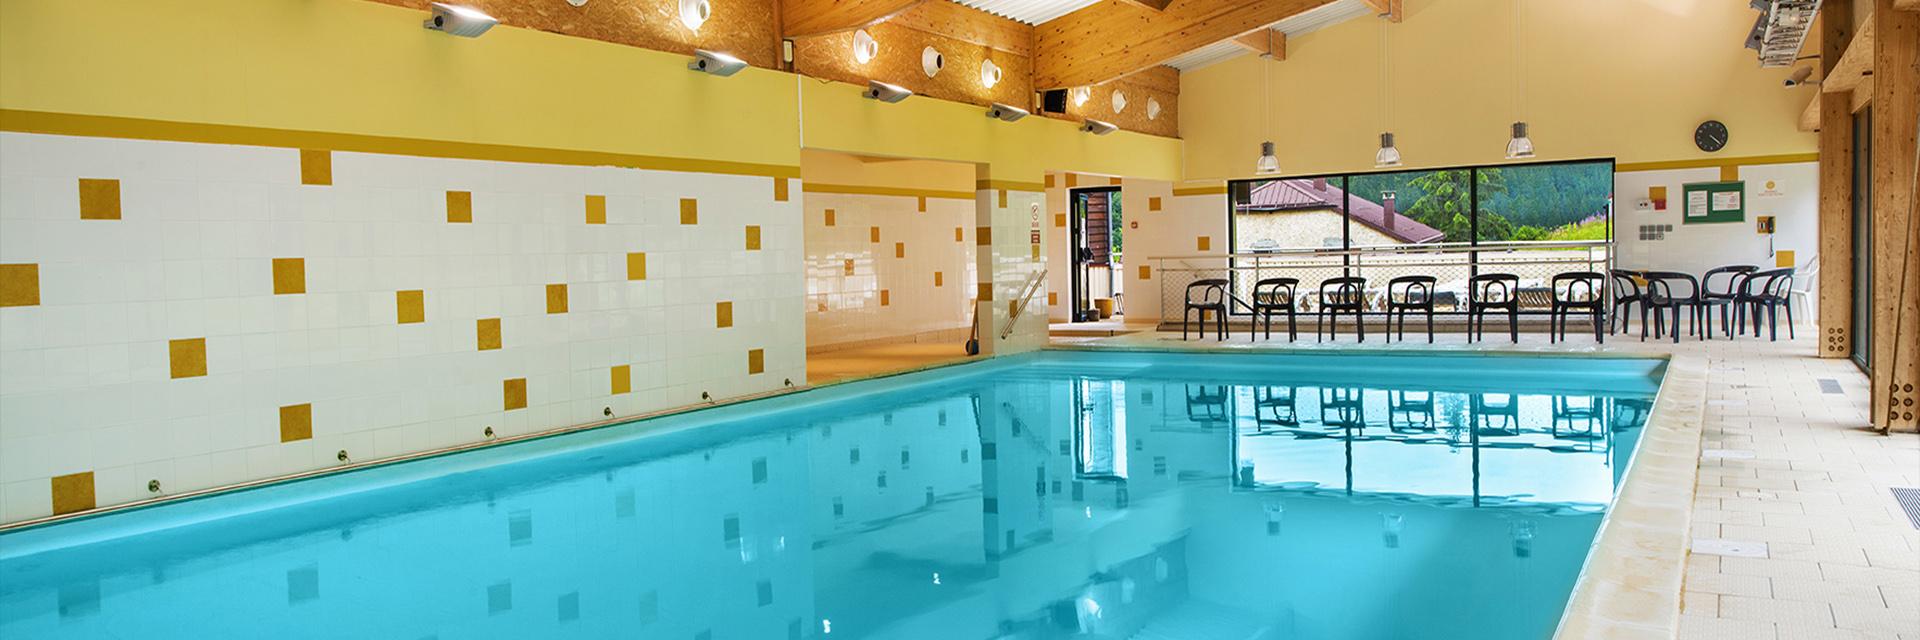 Village_club_vacances_jure-neige-et-plein-air-piscine